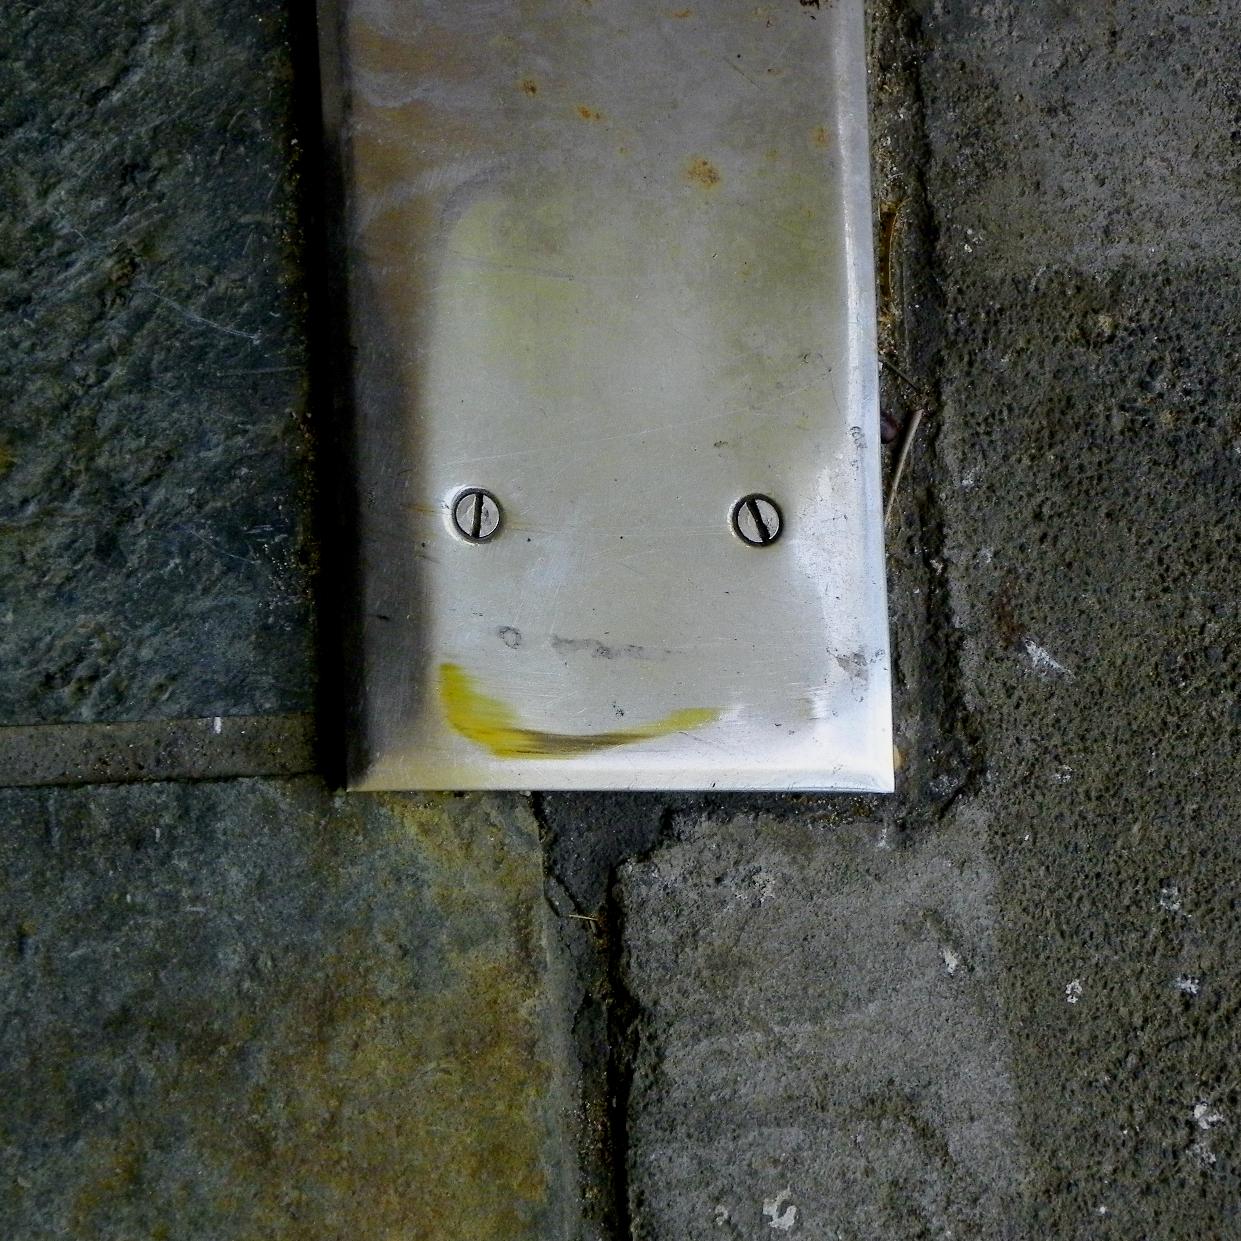 Door Plate Smiley.jpg